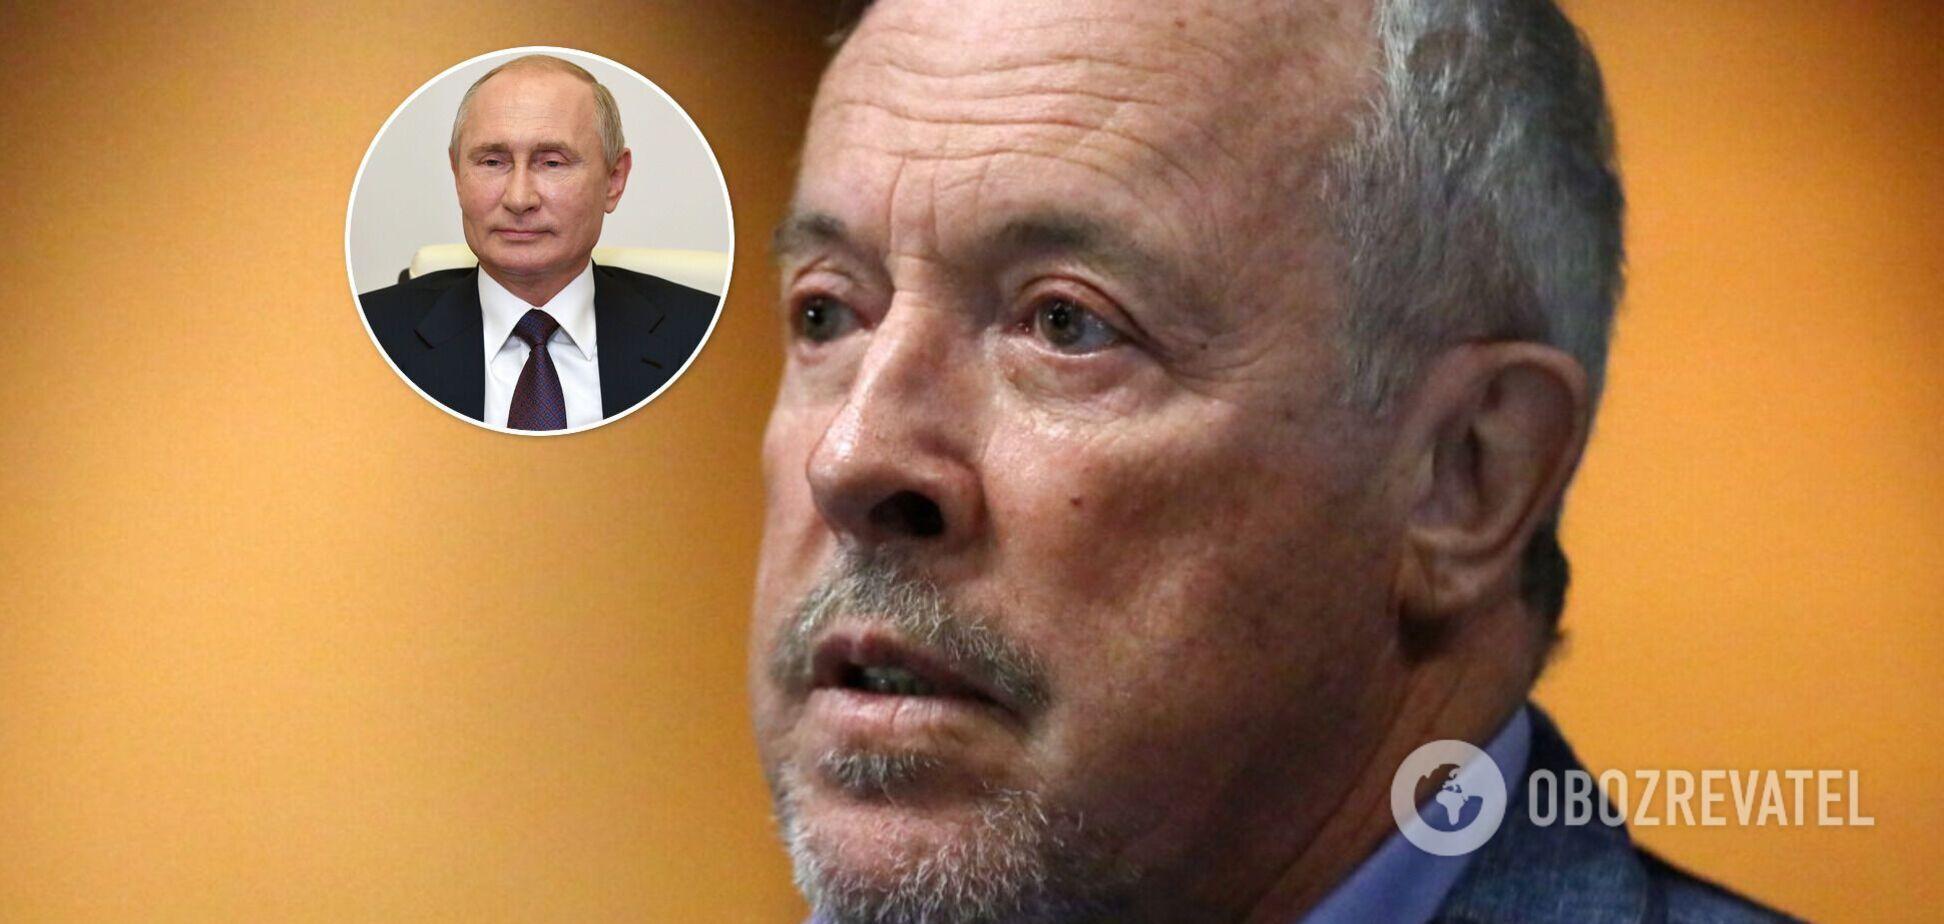 Макаревич о Путине: за один день заставил себя ненавидеть